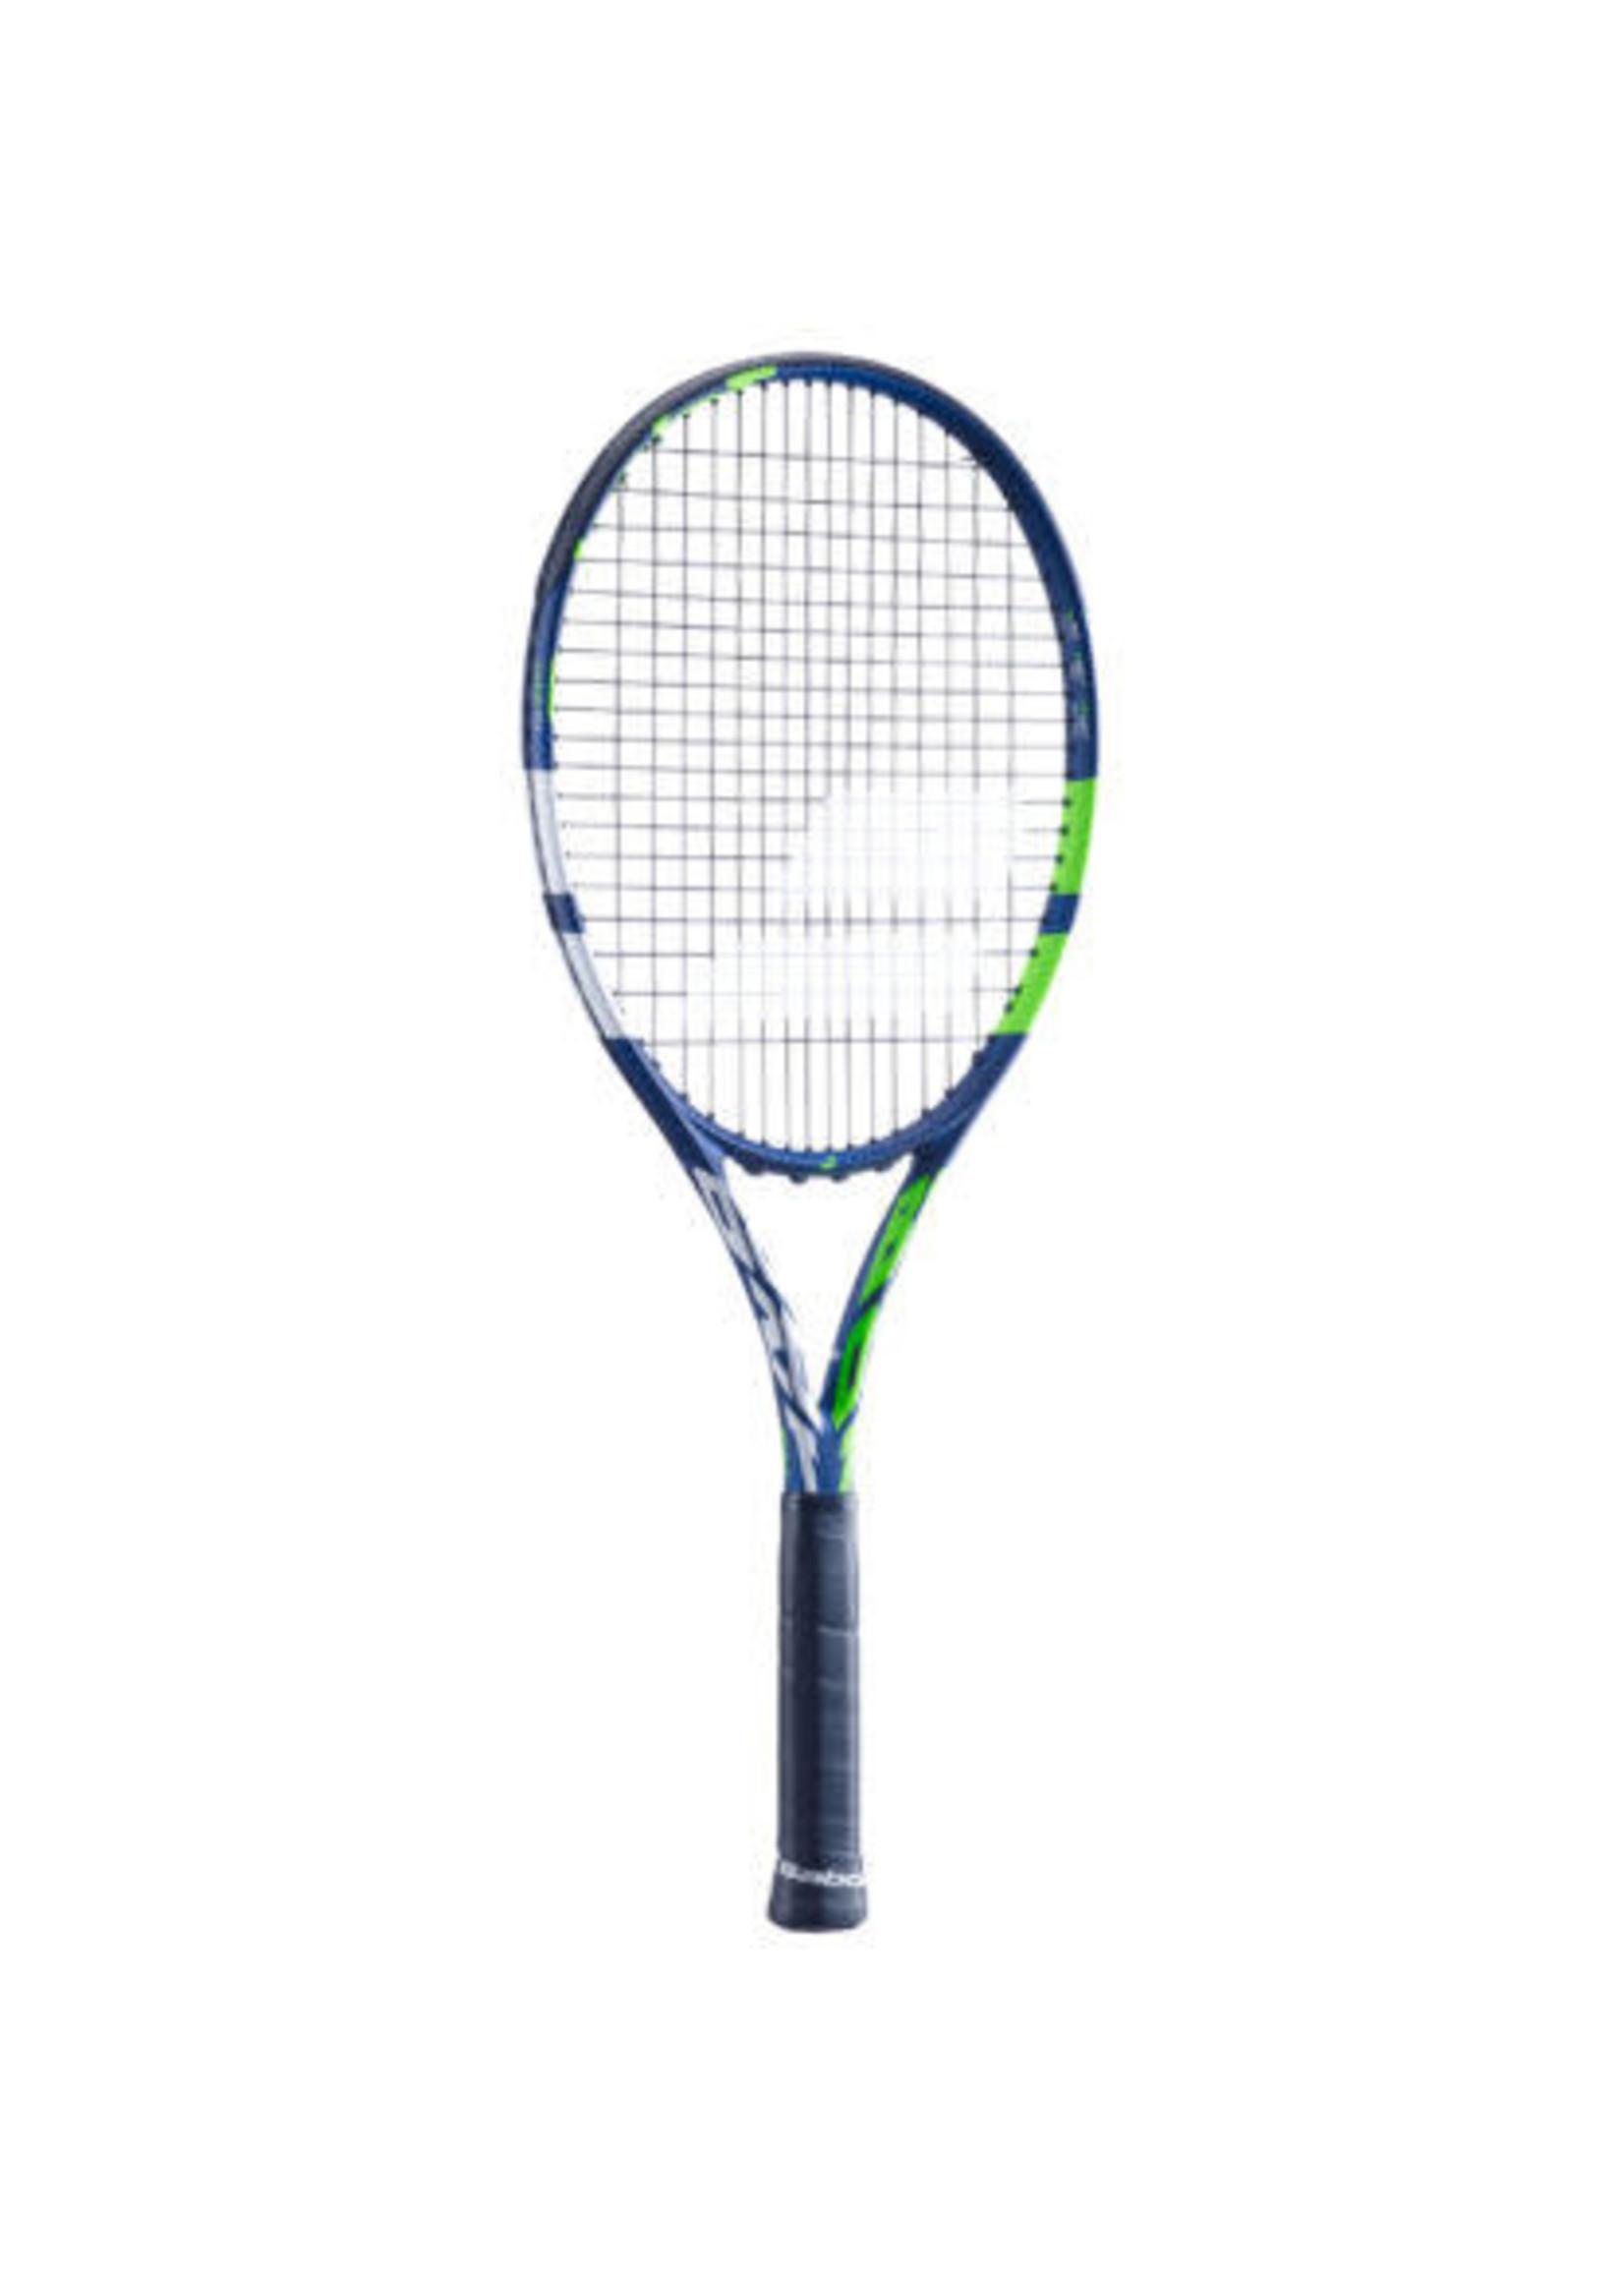 Babolat Babolat Boost Drive Tennis Racket (2021)